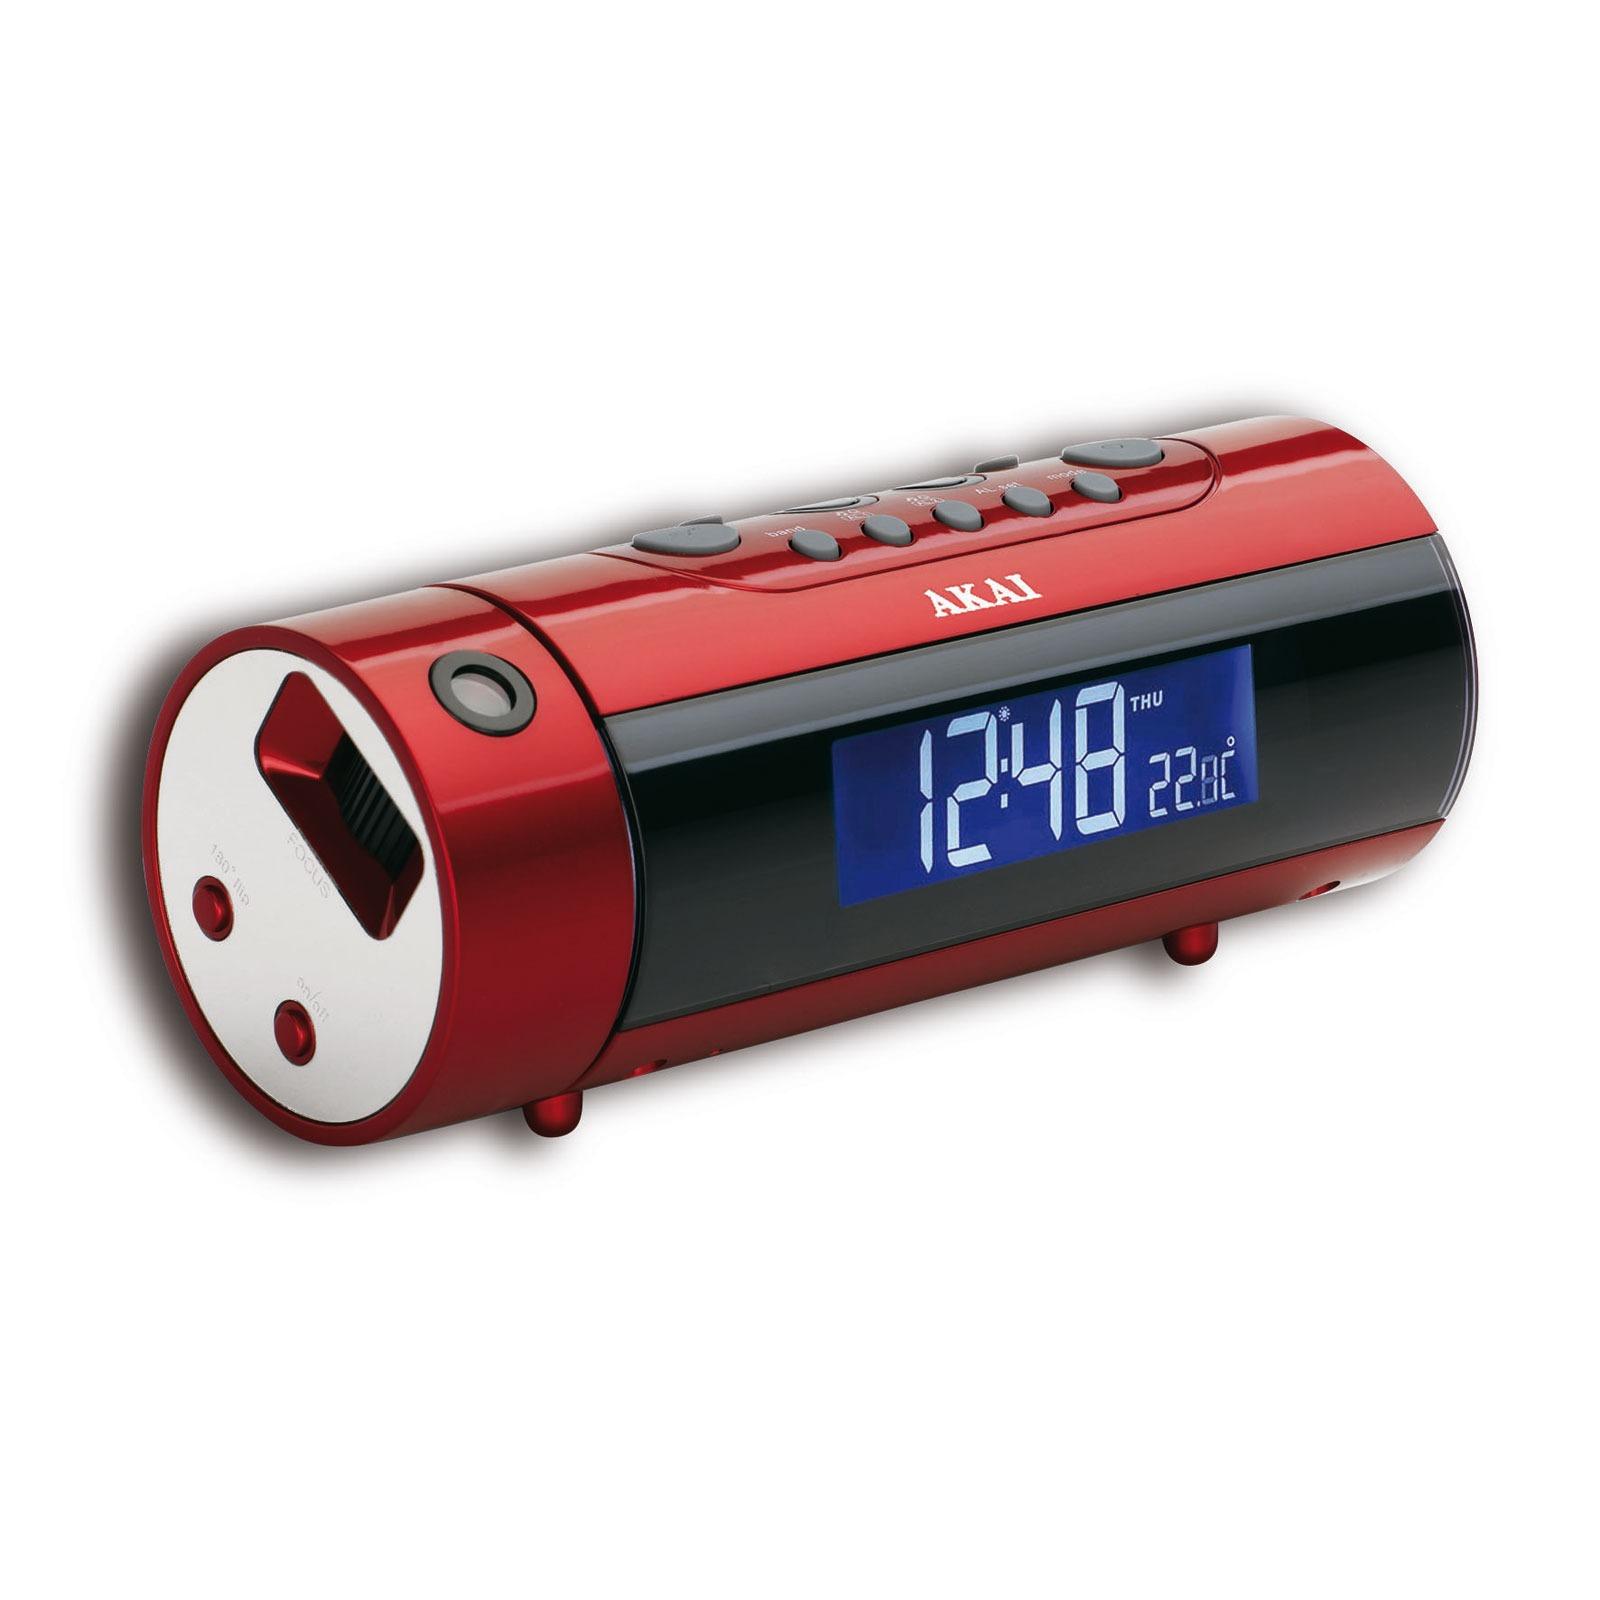 akai arp 140 rouge radio radio r veil aka sur. Black Bedroom Furniture Sets. Home Design Ideas